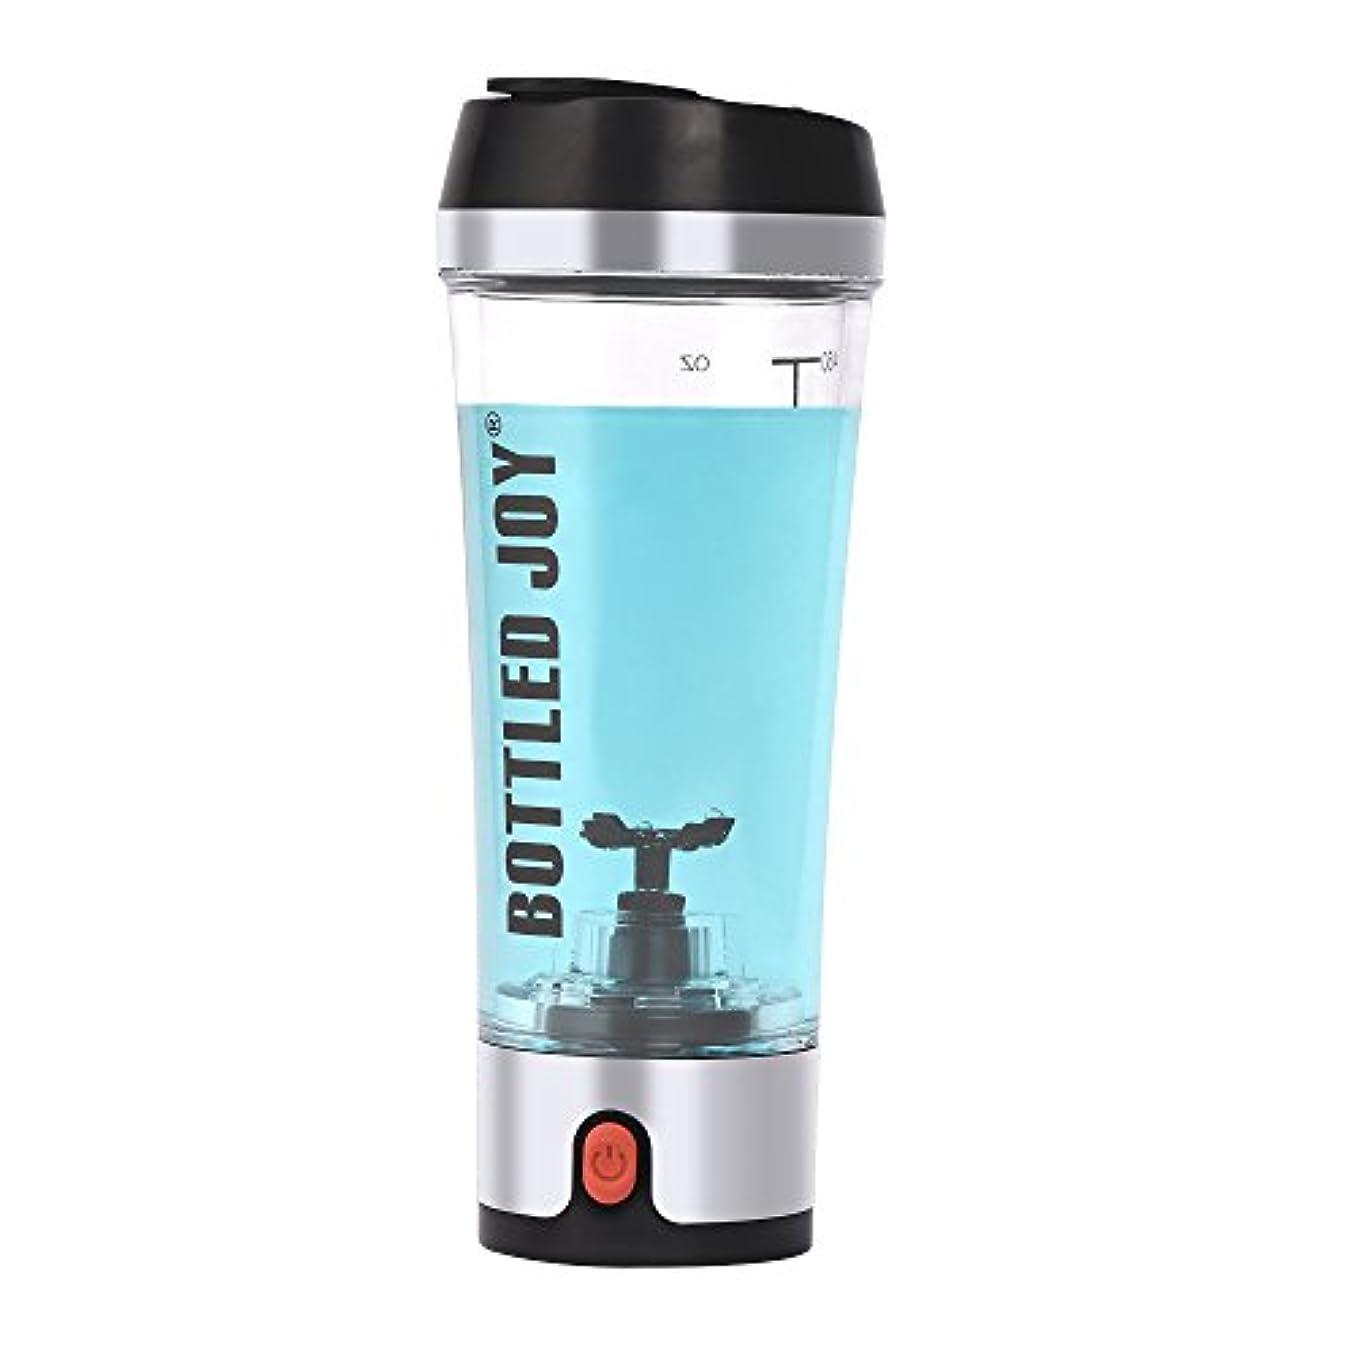 ポークバッテリーゴールBottled Joy Electric Shaker Bottle、USB Rechargeable Protein Shaker、high-torque Stirring Blenderミキサーのスポーツマンと女性16oz...